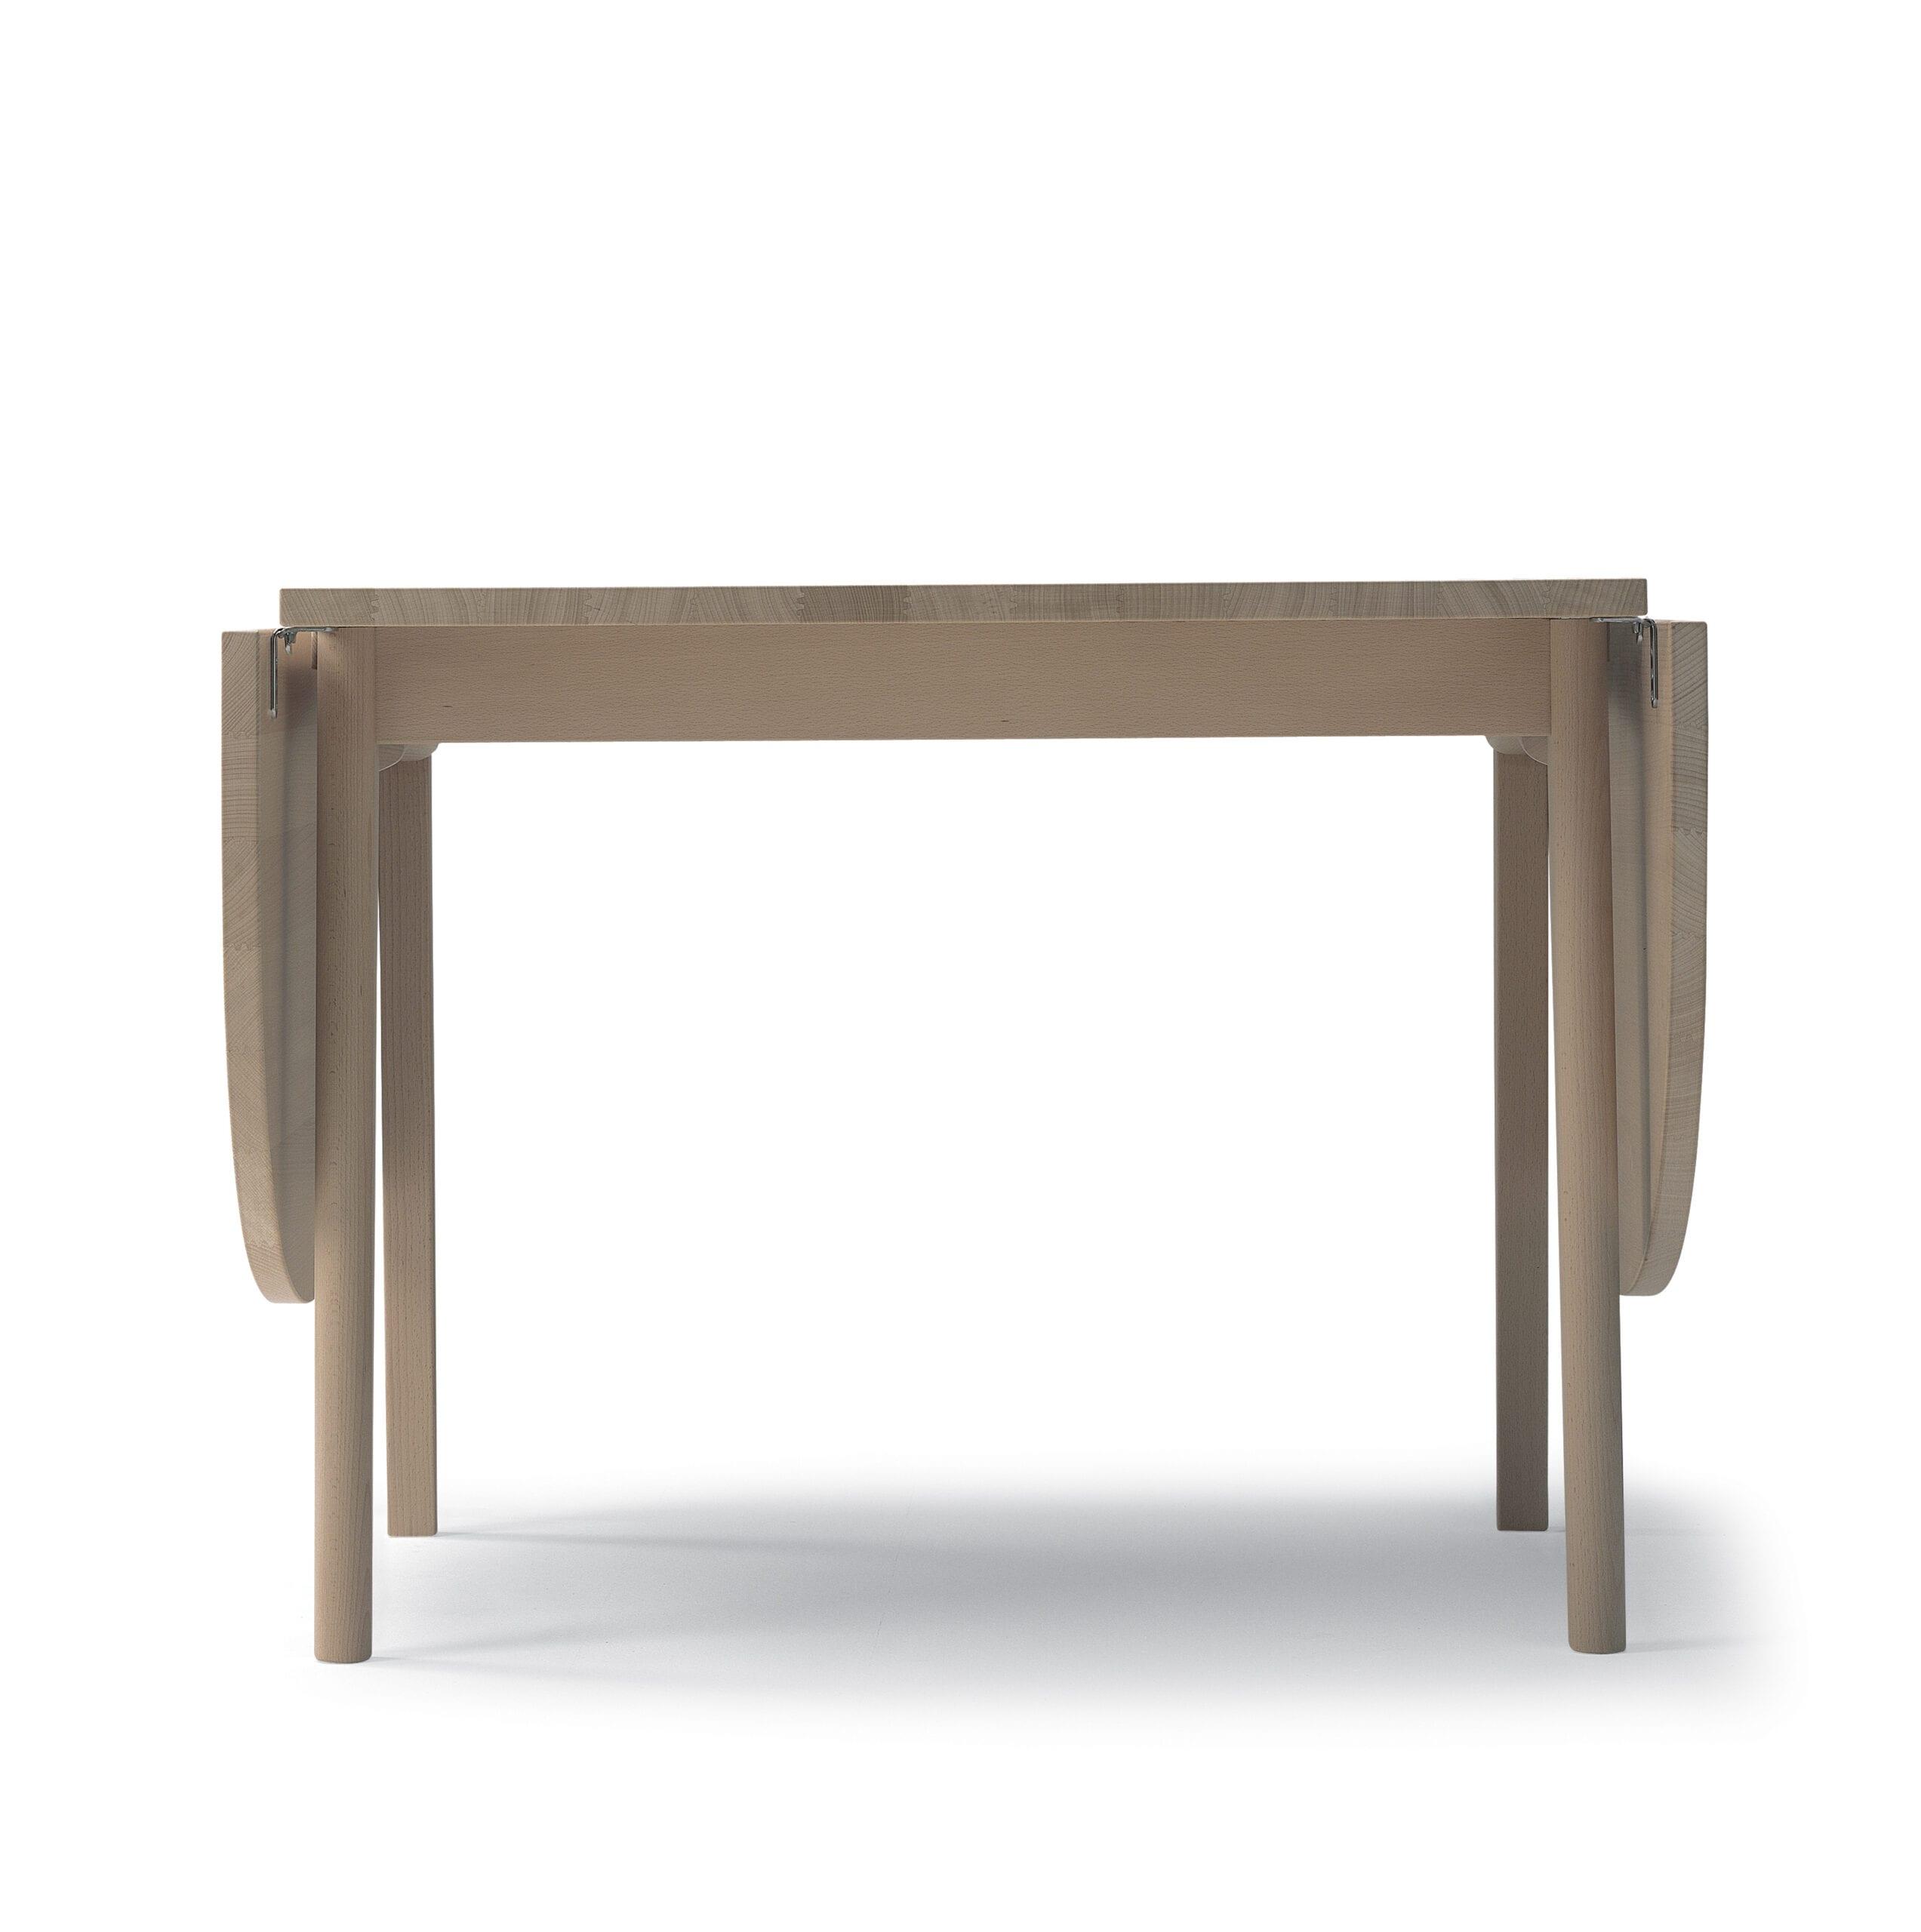 spisebord CH002 Wegner carl hansen indbo